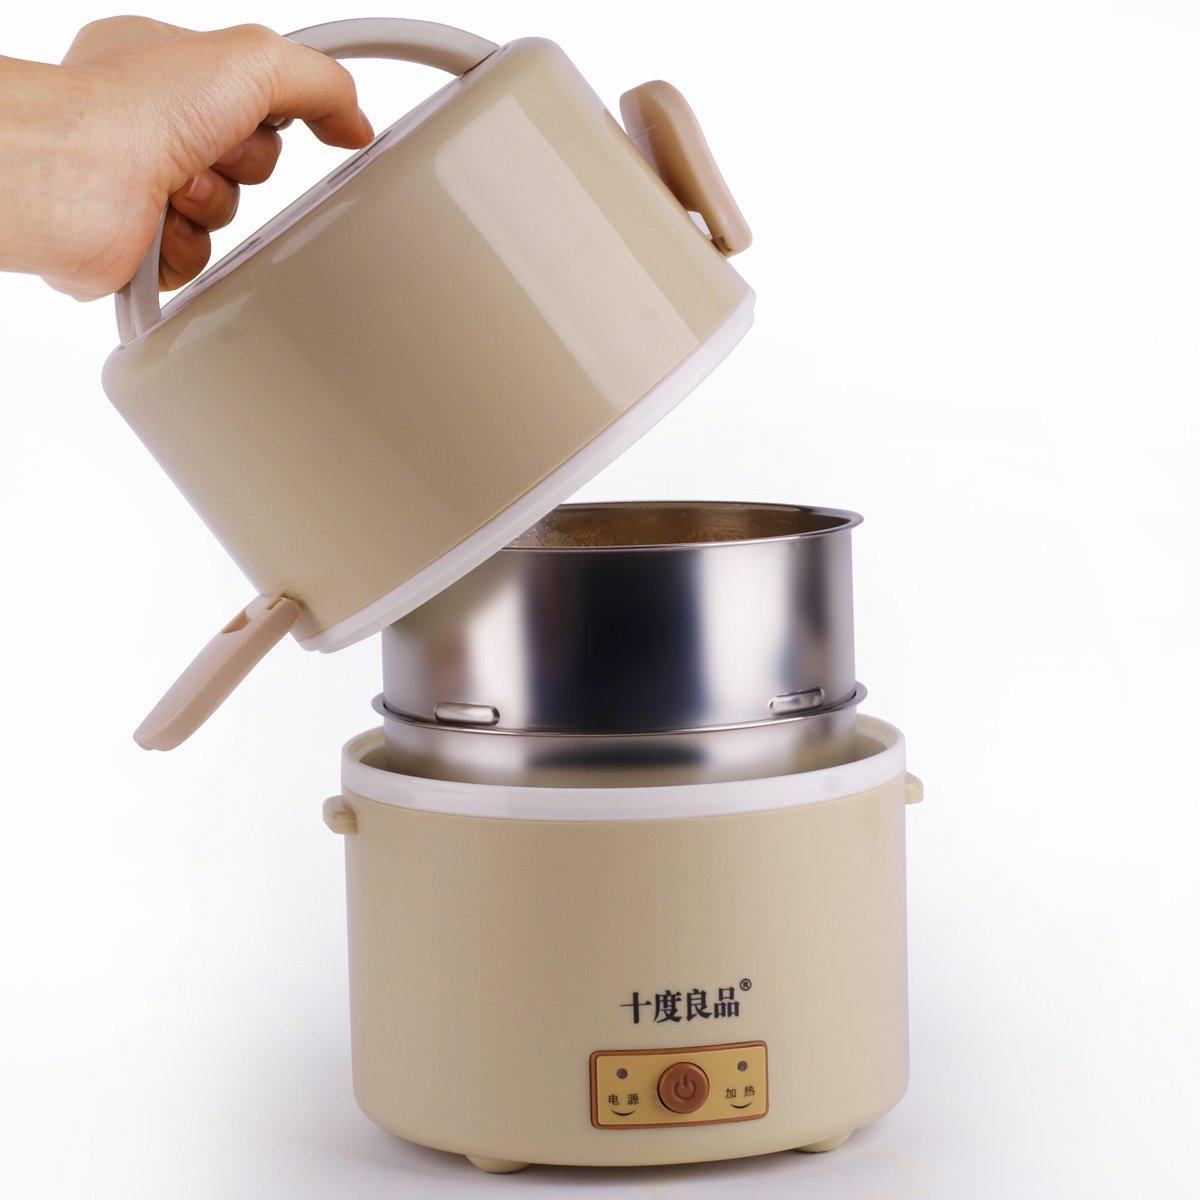 十度良品电热饭盒不锈钢内胆 加热饭盒 保温插电饭盒蒸饭器sd-922